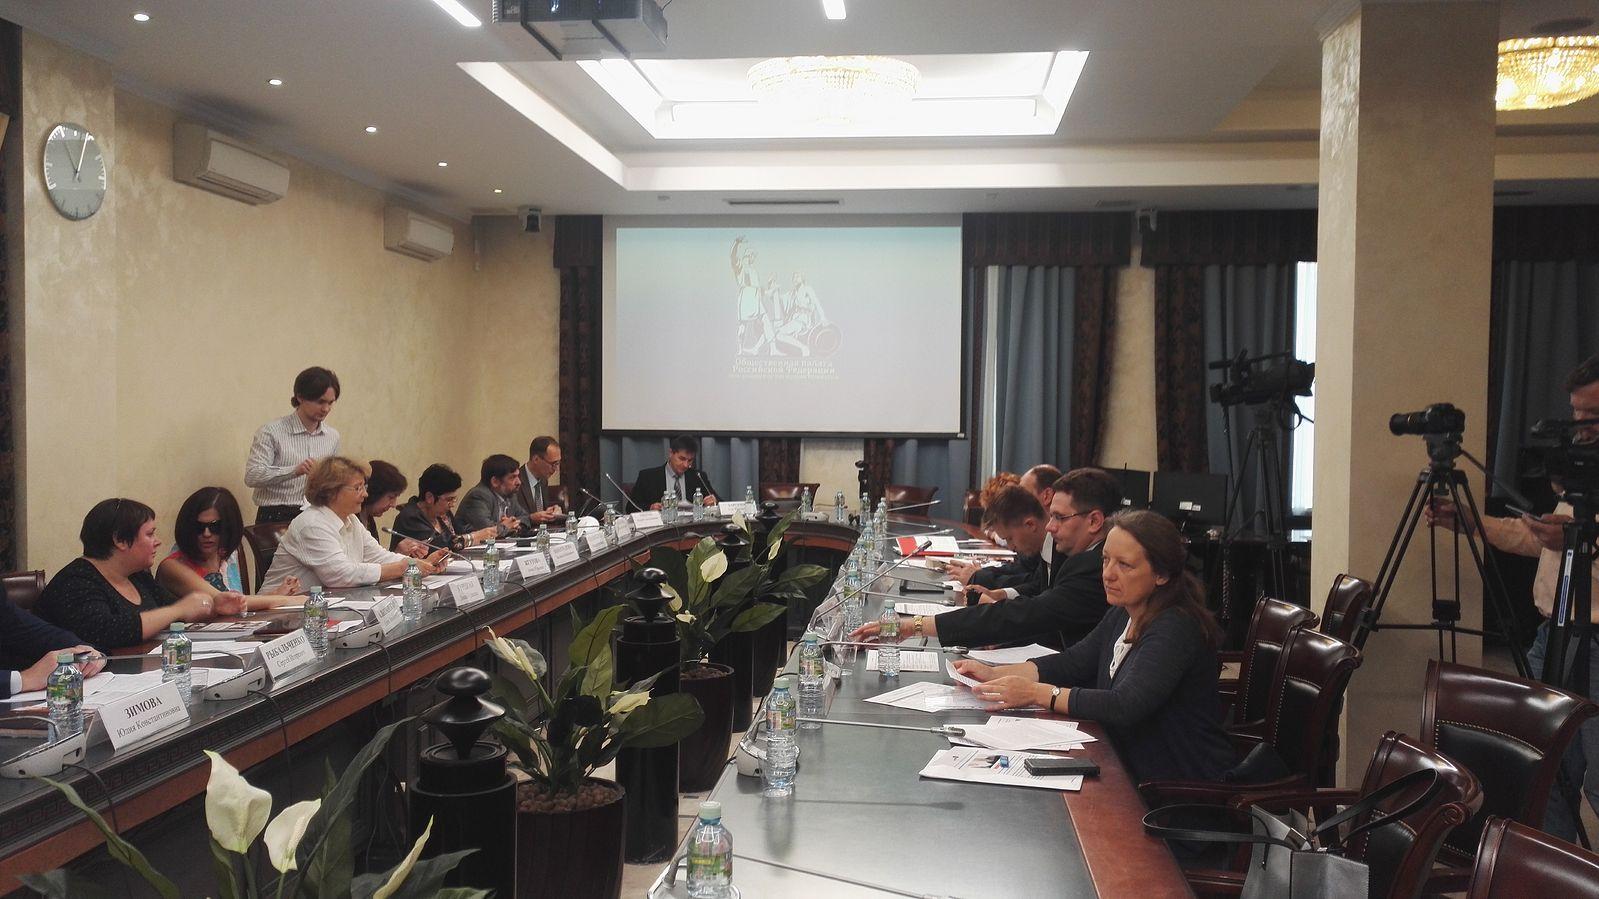 Представитель Патриаршей комиссии по вопросам семьи, защиты материнства и детства выступила на с докладом в Общественной палате